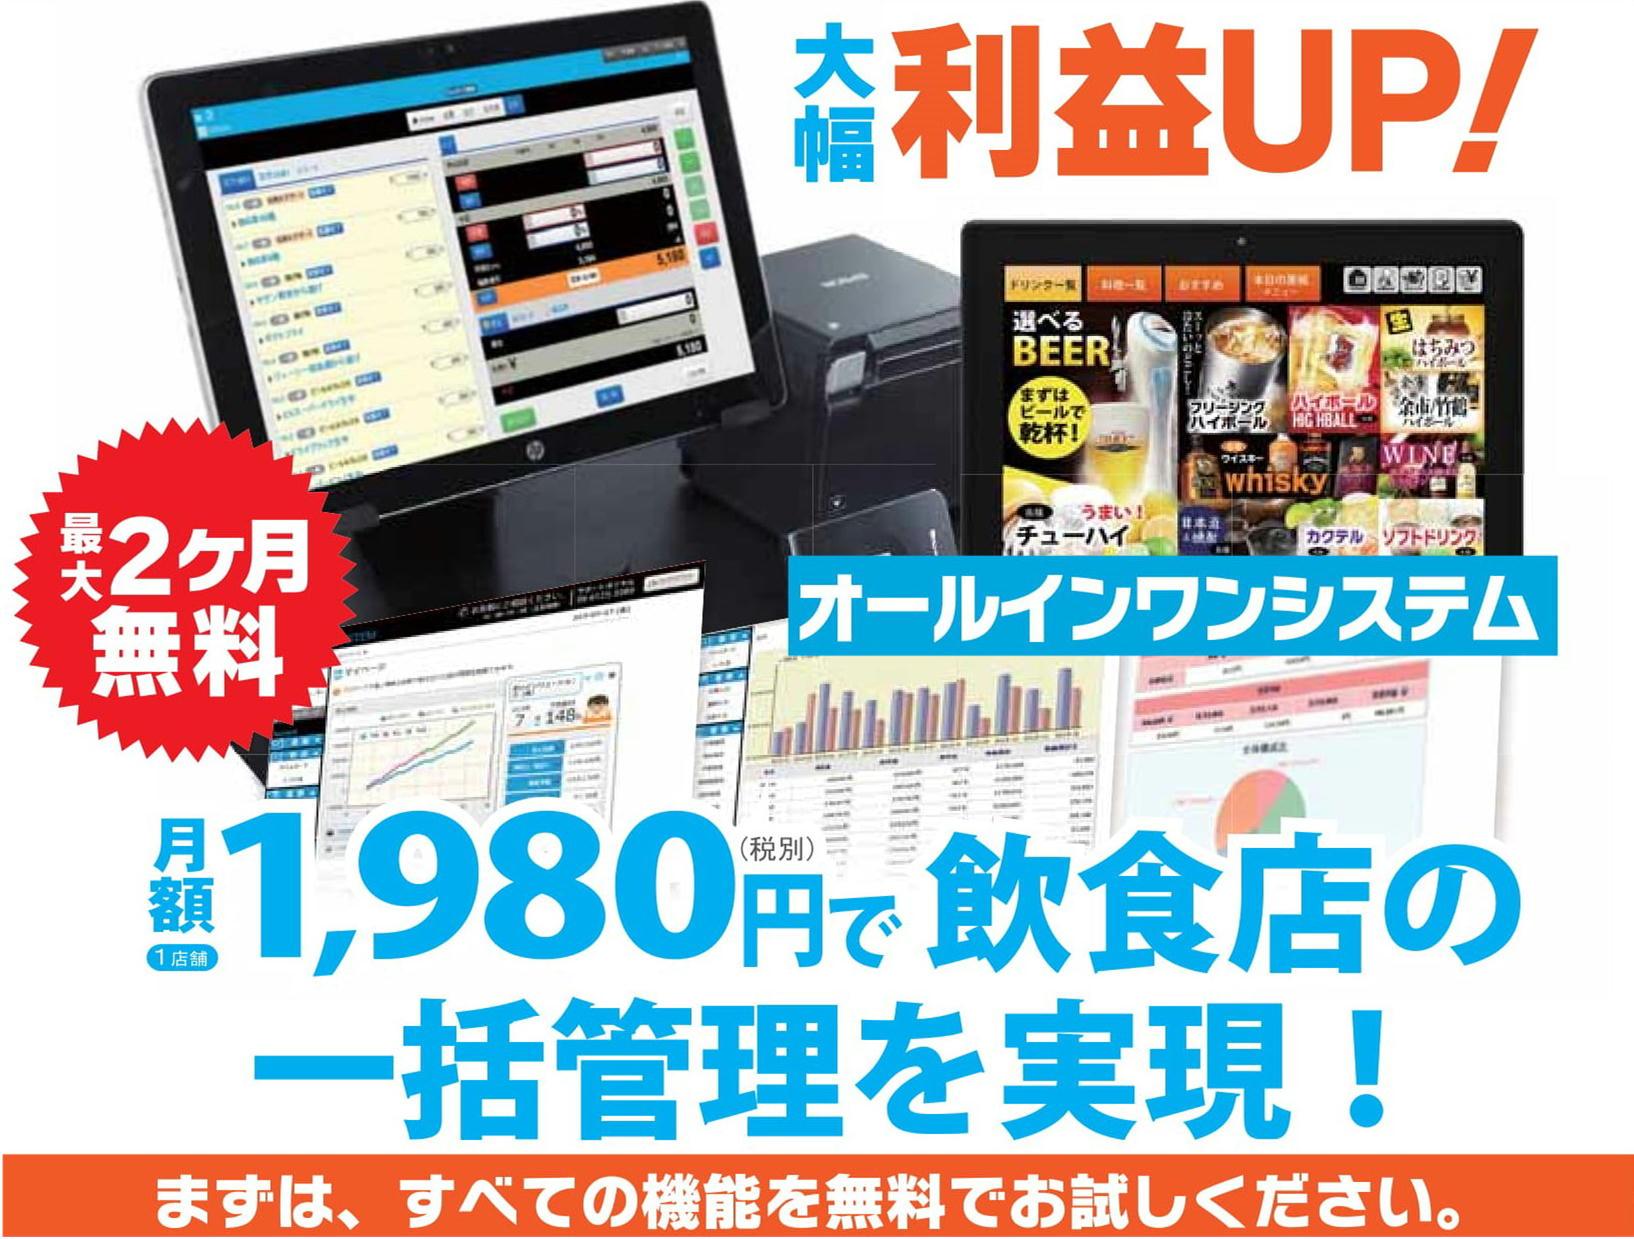 大幅利益UP!最大2ヶ月無料オールインワンシステム月額1店舗1980円(税別)で飲食店の一括管理を実現!まずは、すべての機能を無料でお試しください。